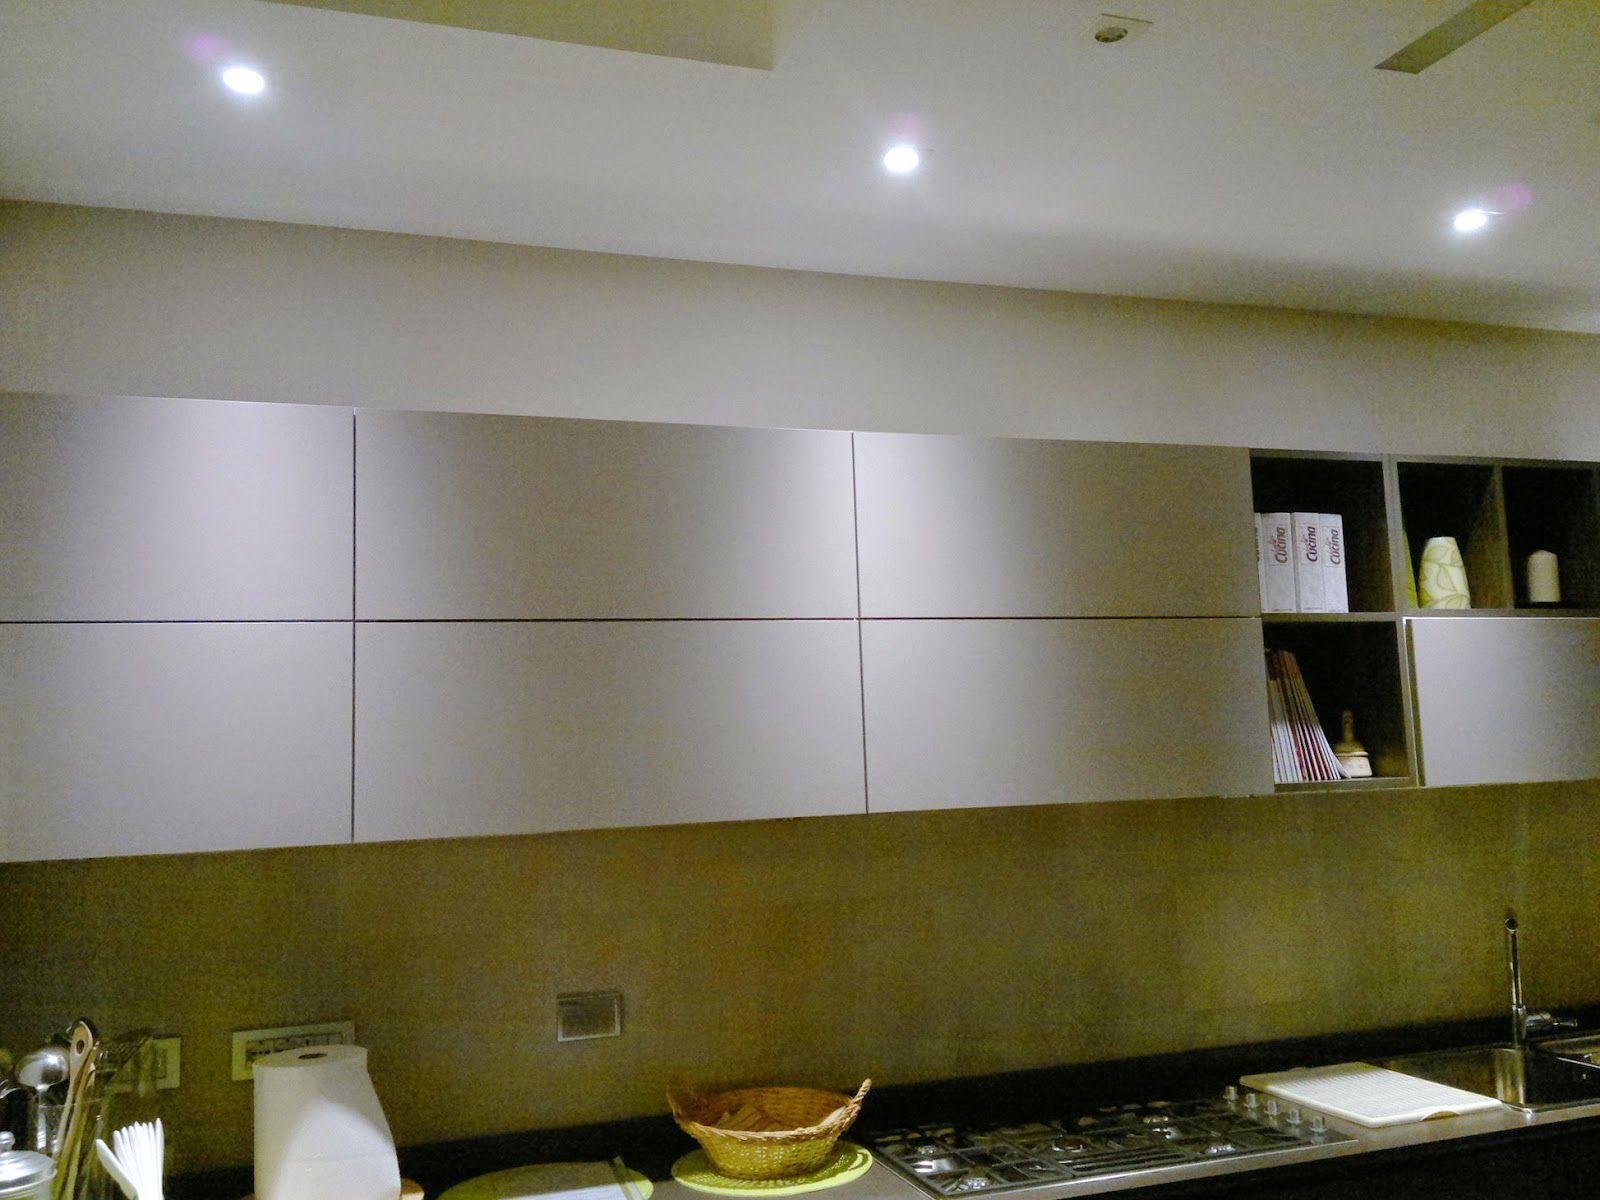 una cucina illuminata con faretti led a incasso | faretti led ...